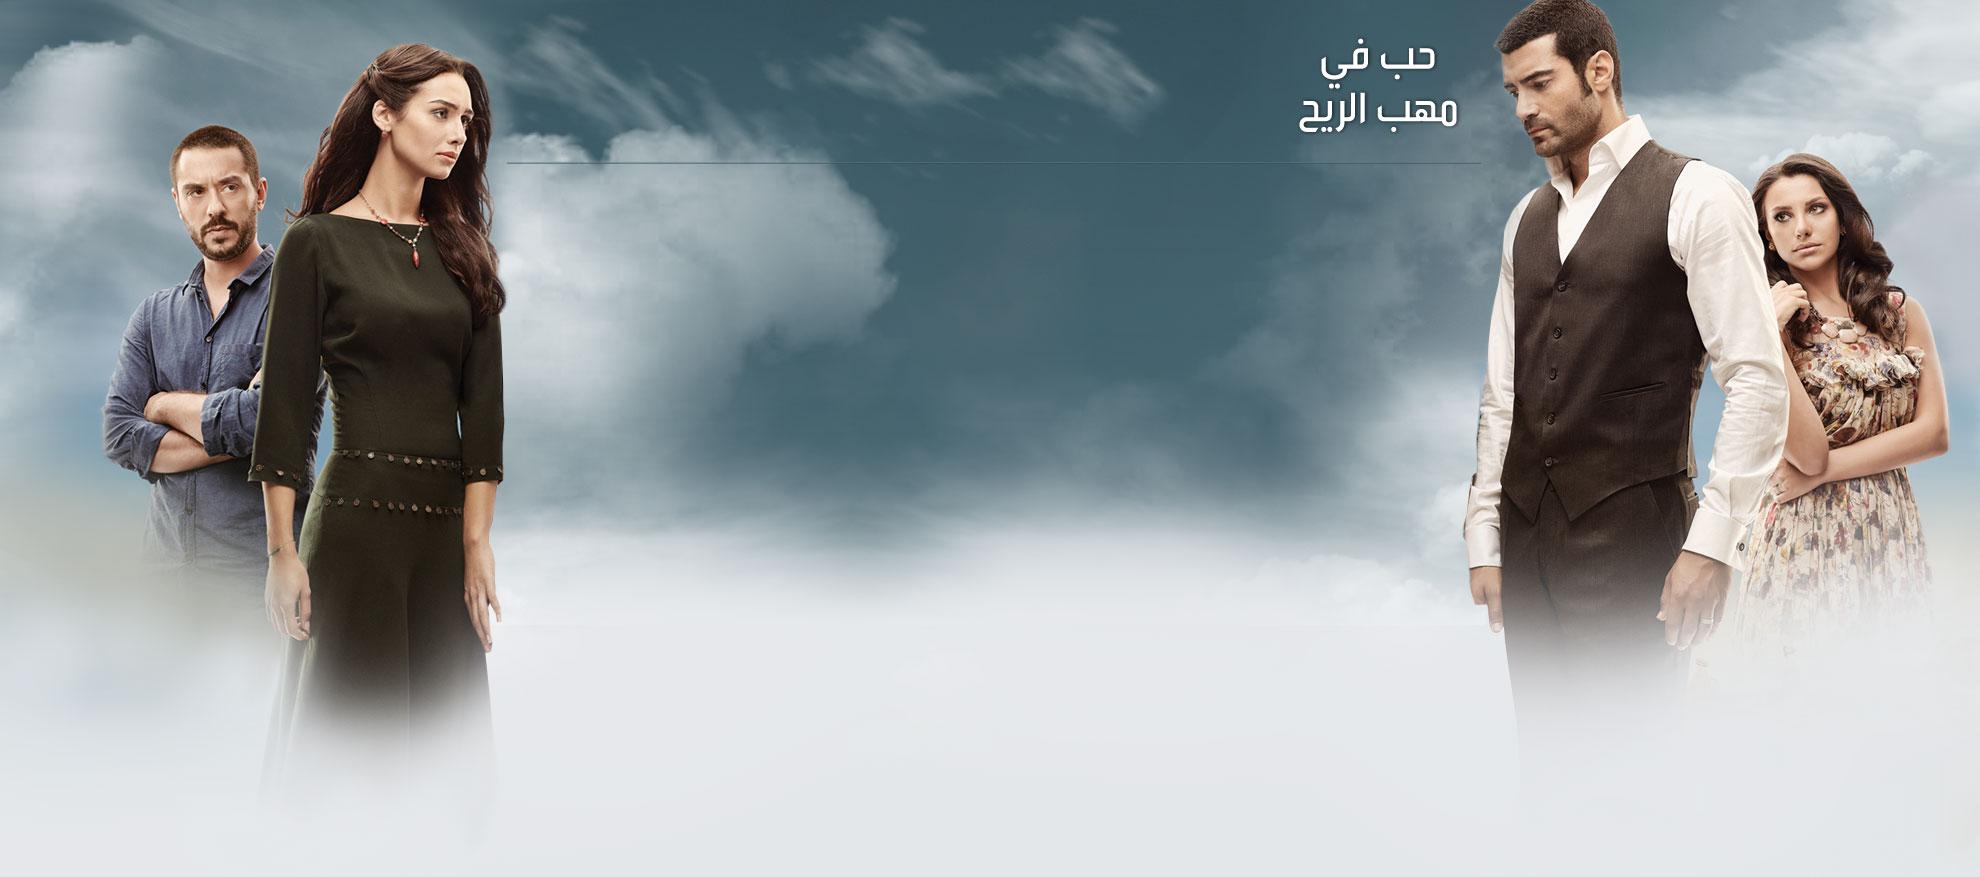 صور ابطال مسلسل حب في مهب الريح 2014 , صور بطل و بطلة مسلسل التركي حب في مهب الريح 2014